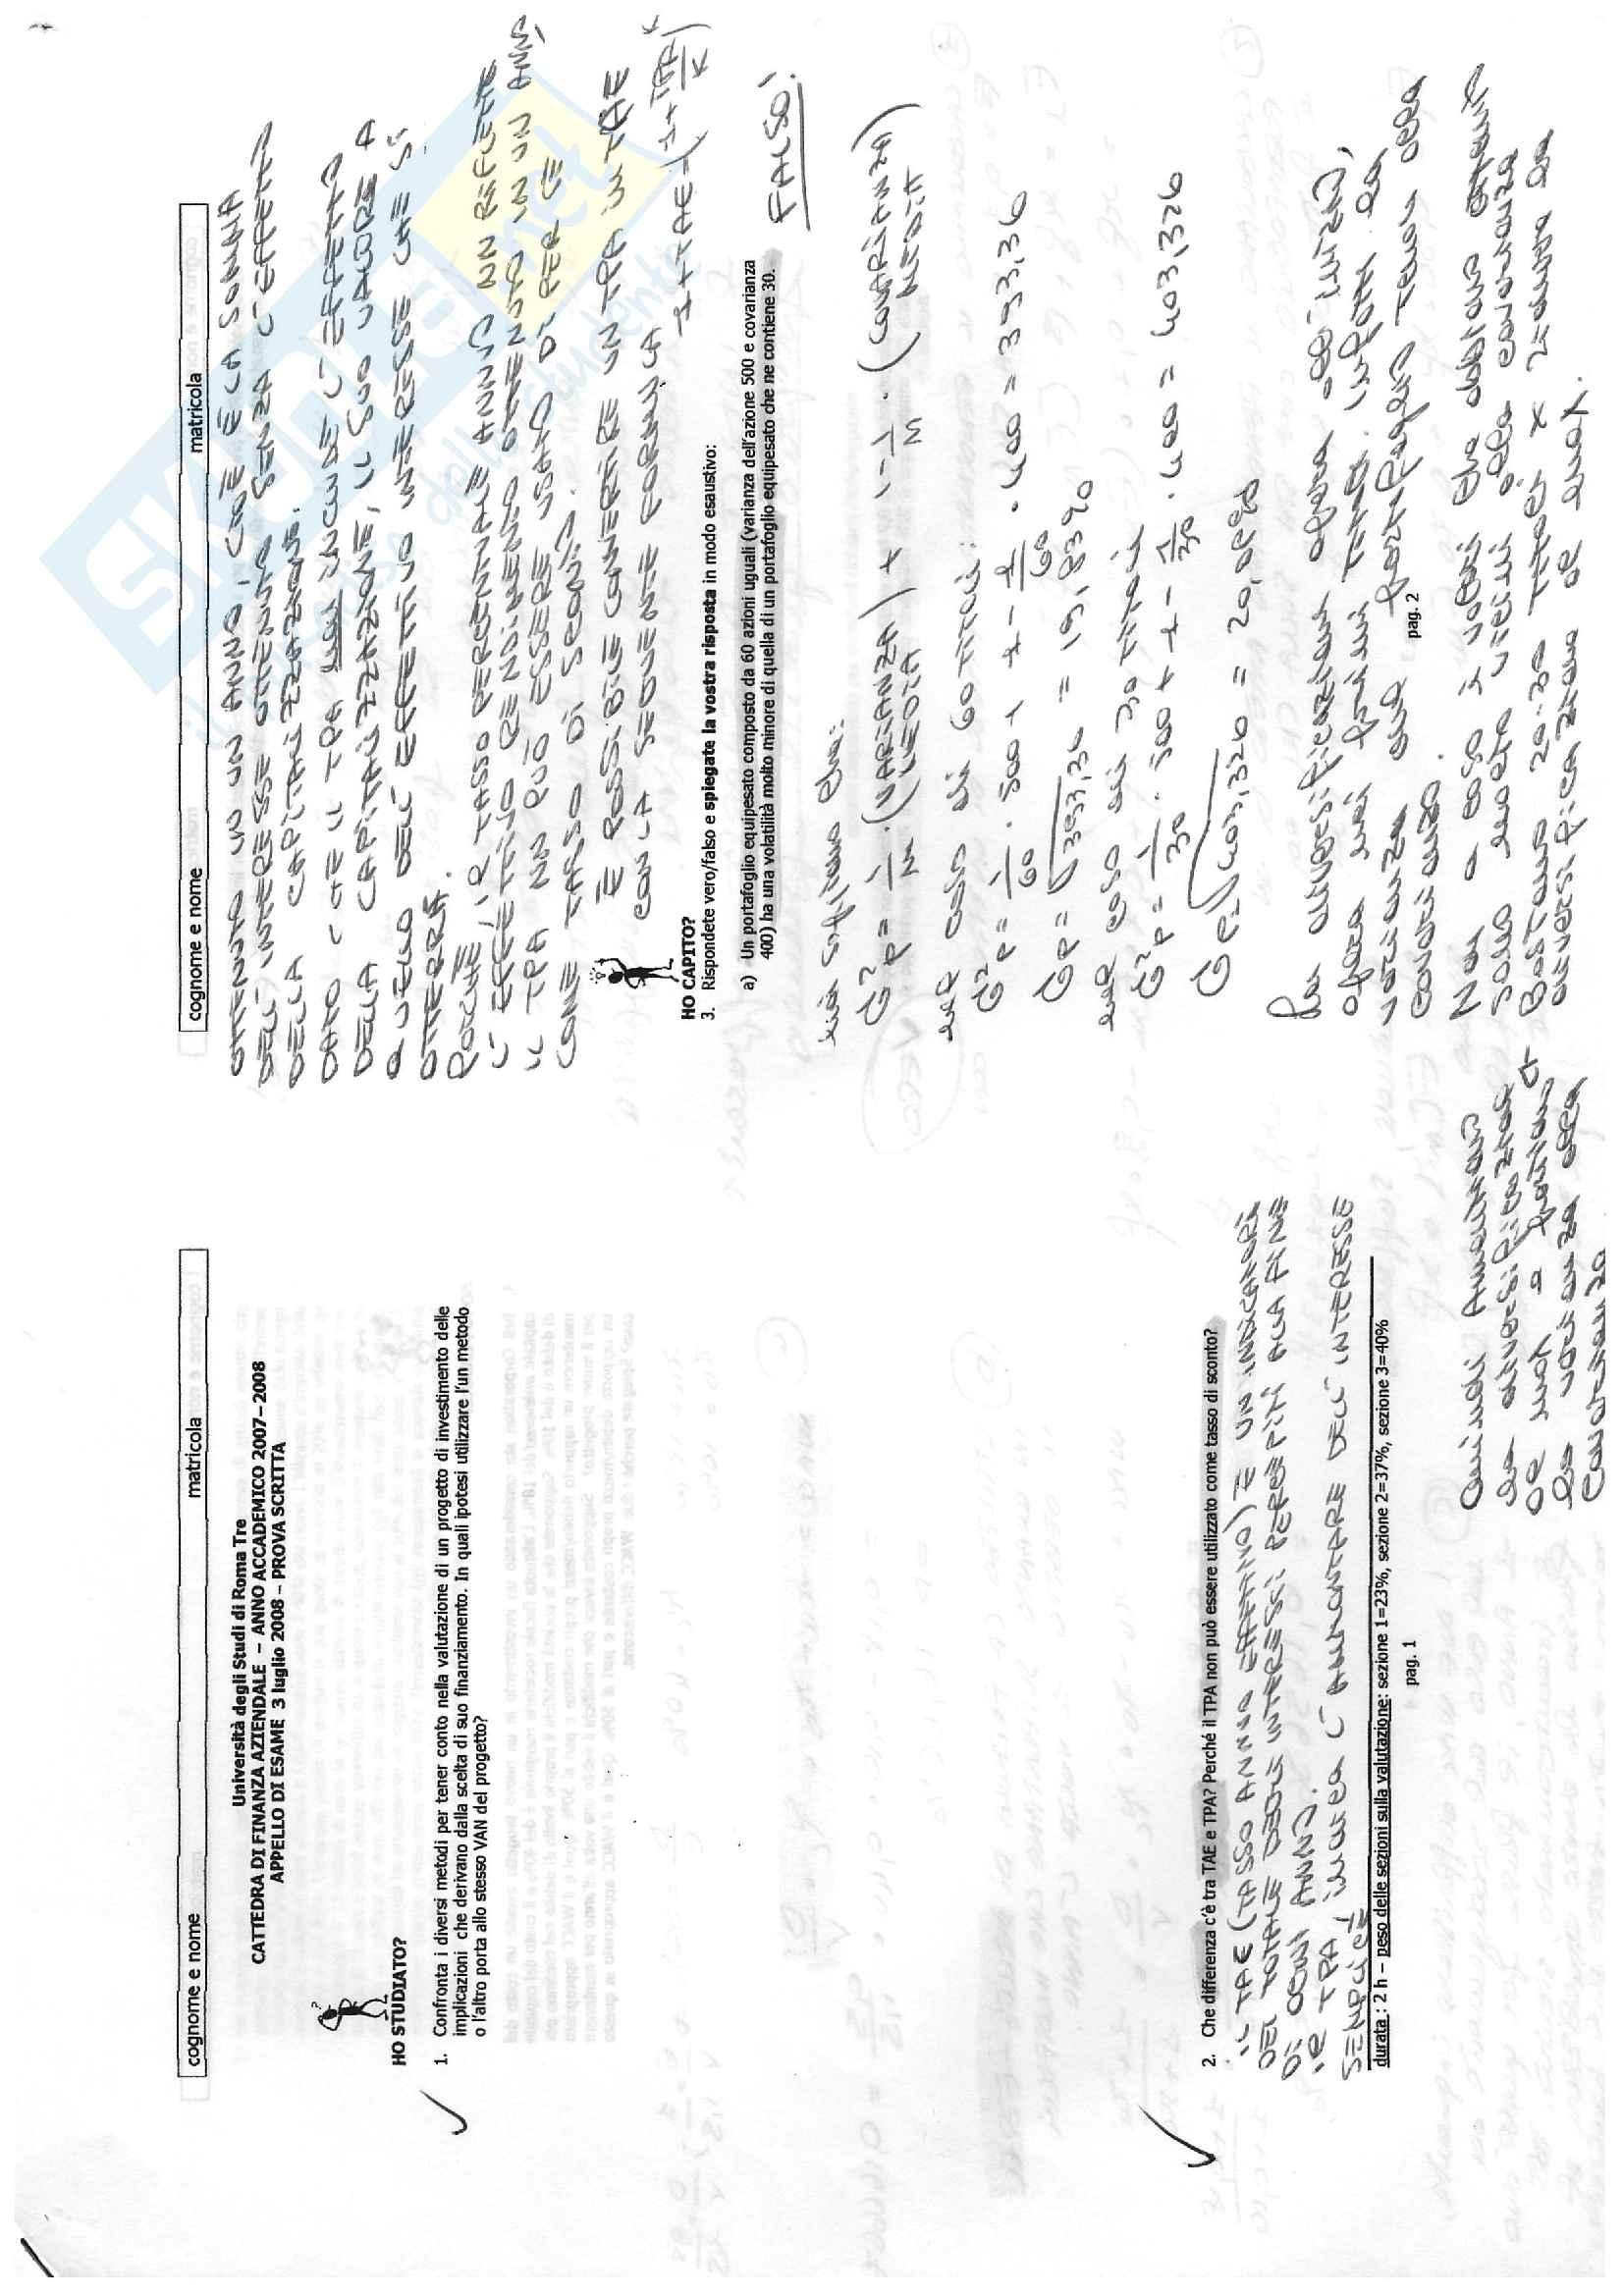 Finanza aziendale - esercizi svolti e soluzioni compito scritto Pag. 16